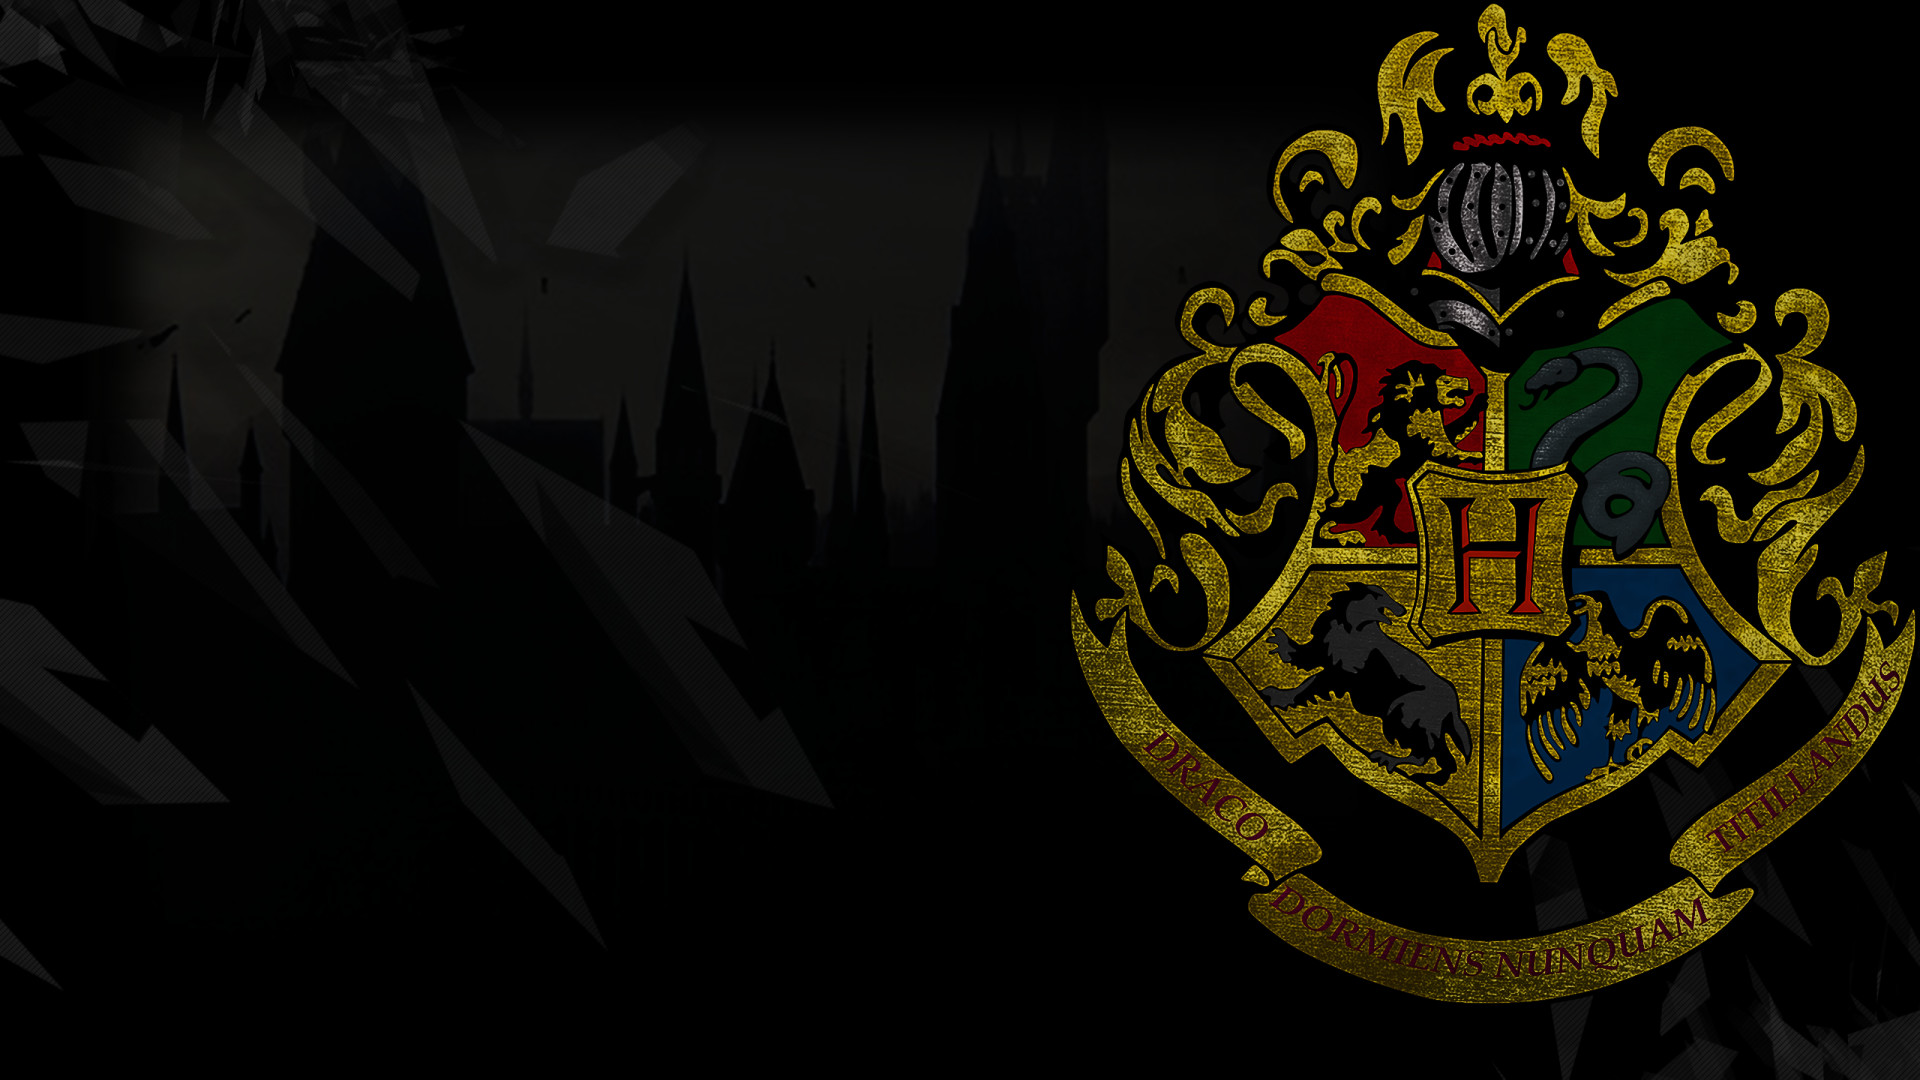 Popular Wallpaper Harry Potter Artsy - 142428  Image_792477.jpg